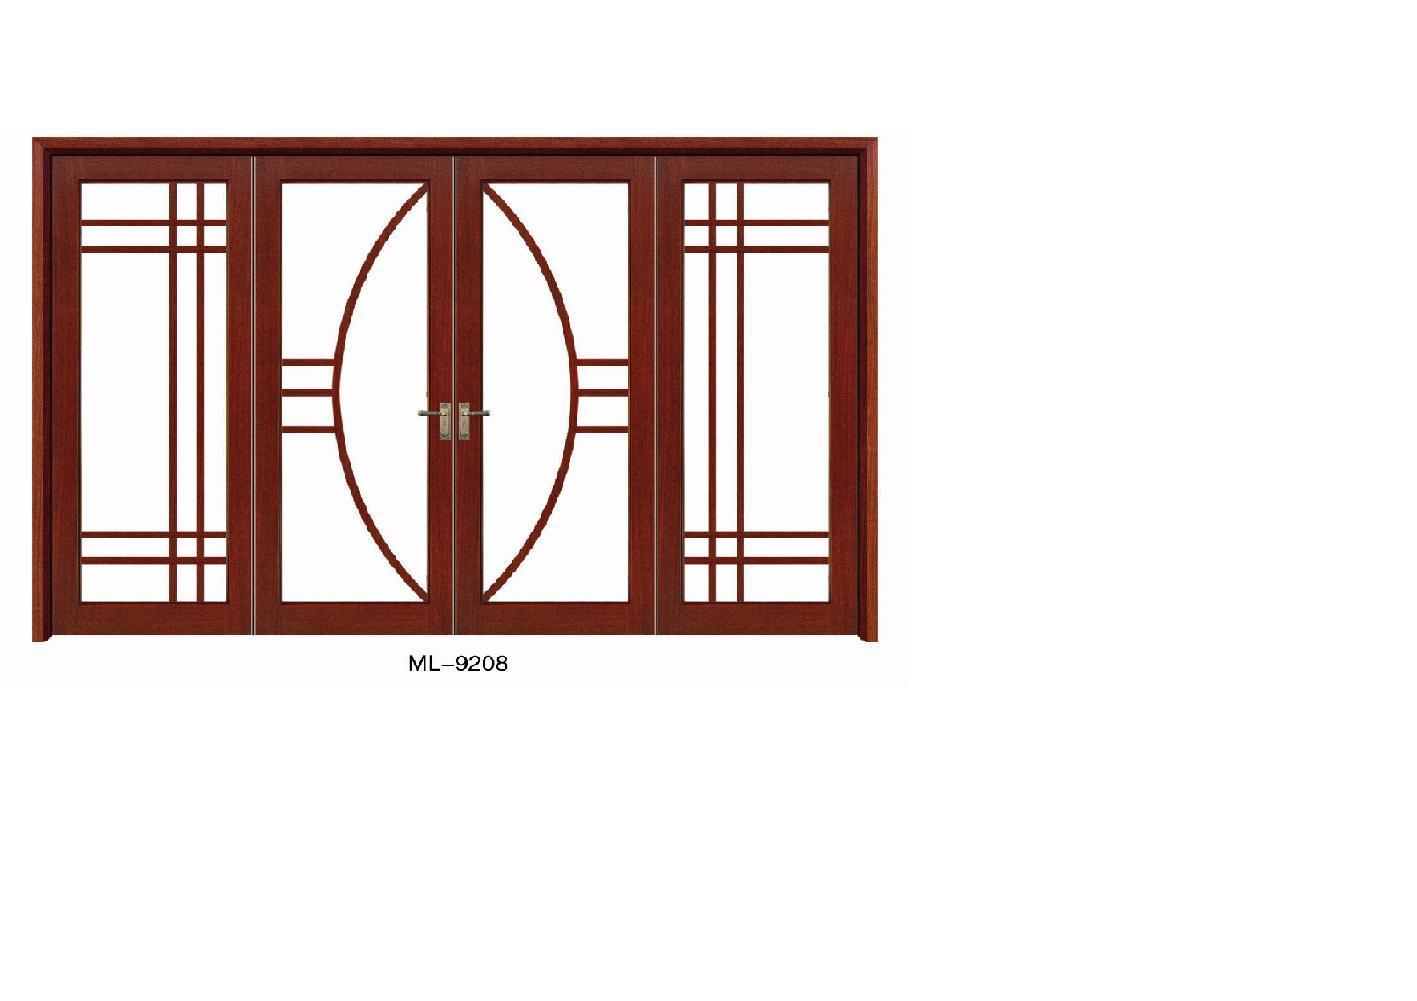 1001 #45110C Interior Doors Exterior Doors Front Doors Entry Doors pic Simpson Doors Online 43711417